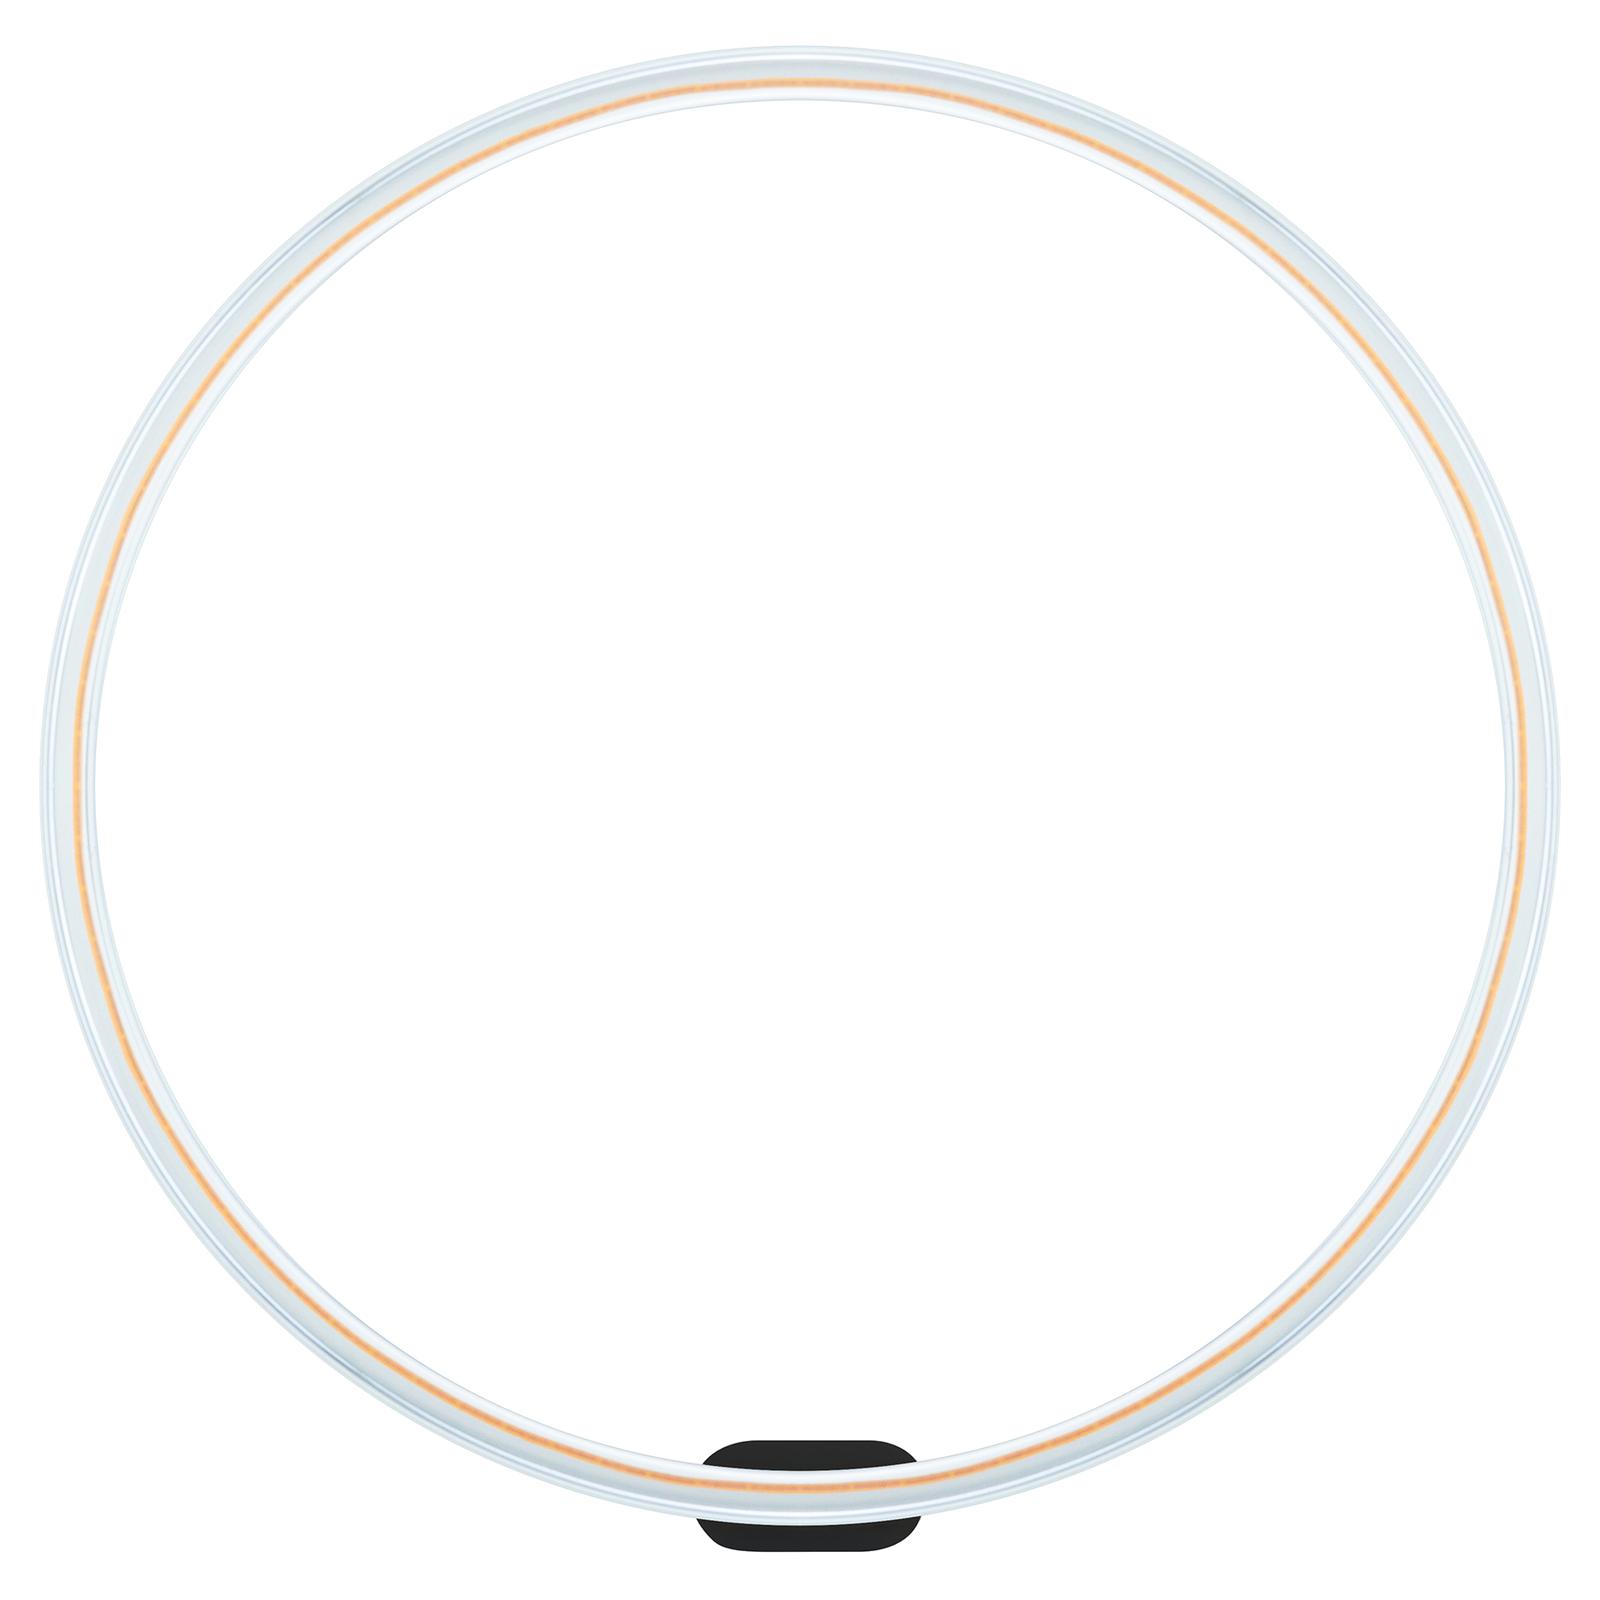 SEGULA LED-lamppu Art Ring S14d 8W 2 200 K 330lm